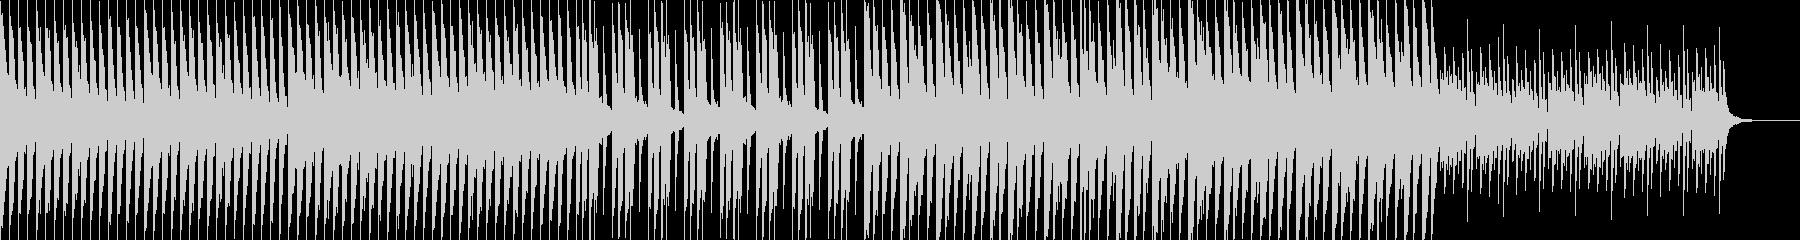 穏やかな雰囲気のピアノと4つ打ちの未再生の波形